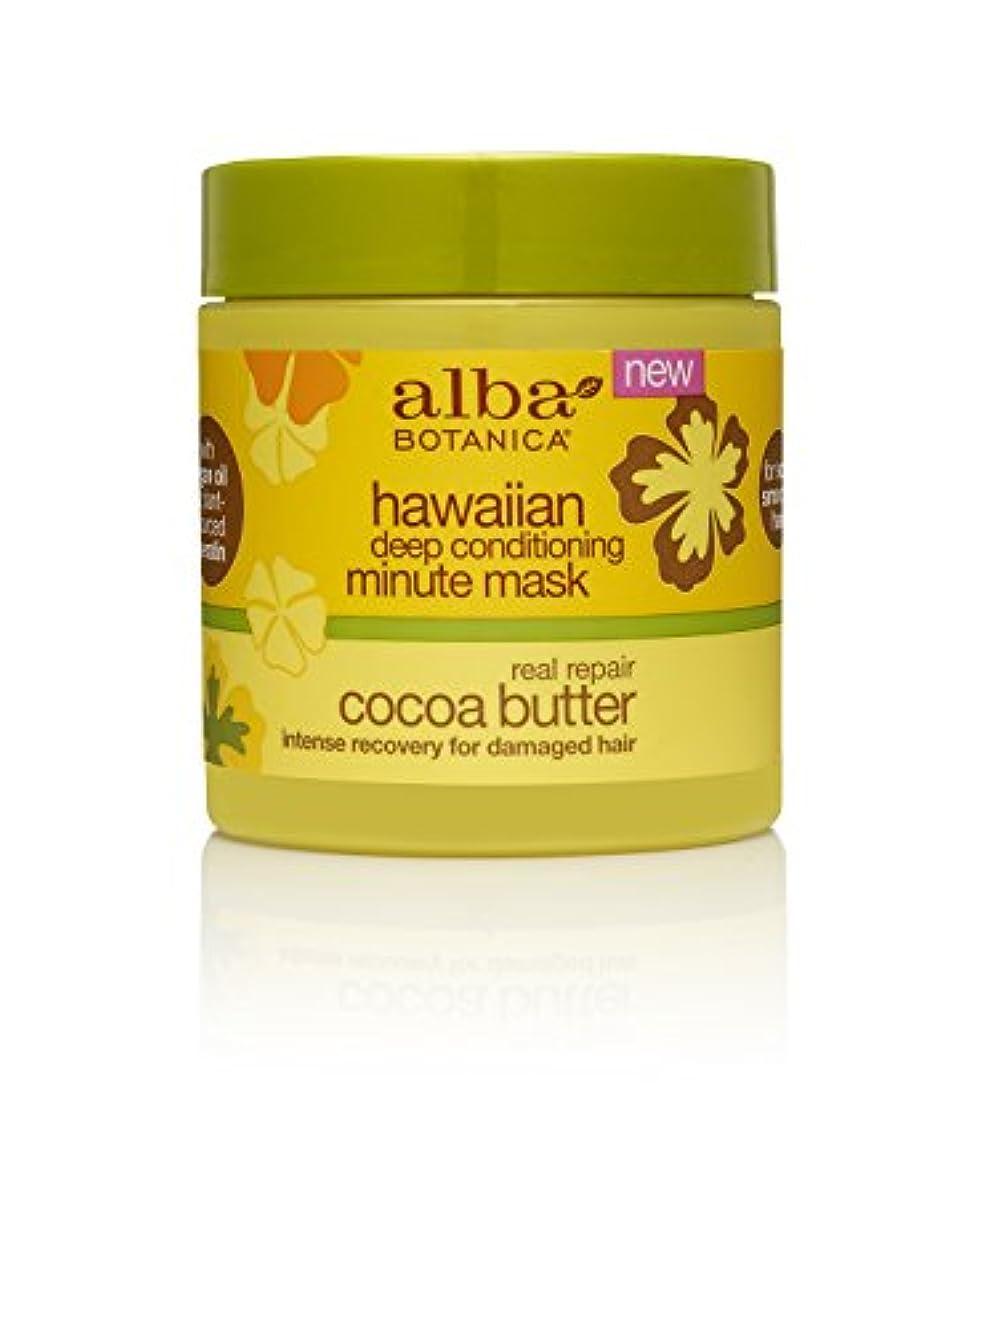 夜明け実際にカフェ海外直送品Hawaiian Deep Conditioning Real Repair Minute Mask, Cocoa Butter 5.5 oz by Alba Botanica